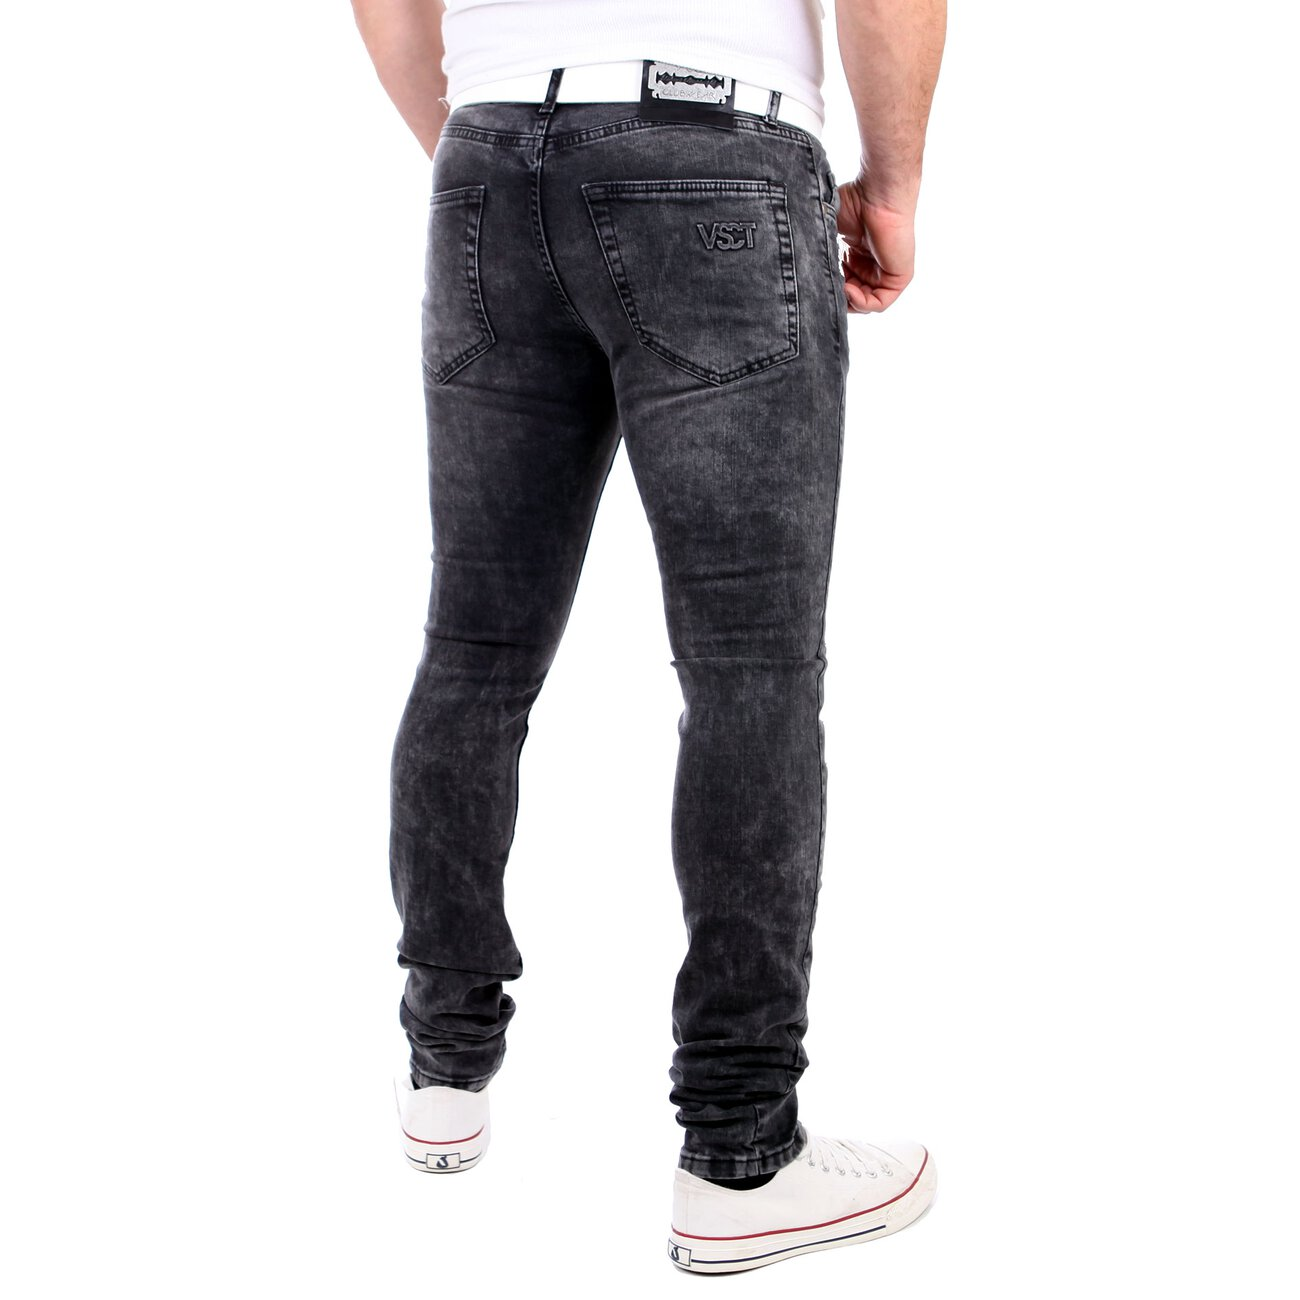 vsct jeans herren keno rock heavy destroyed look schwarz. Black Bedroom Furniture Sets. Home Design Ideas